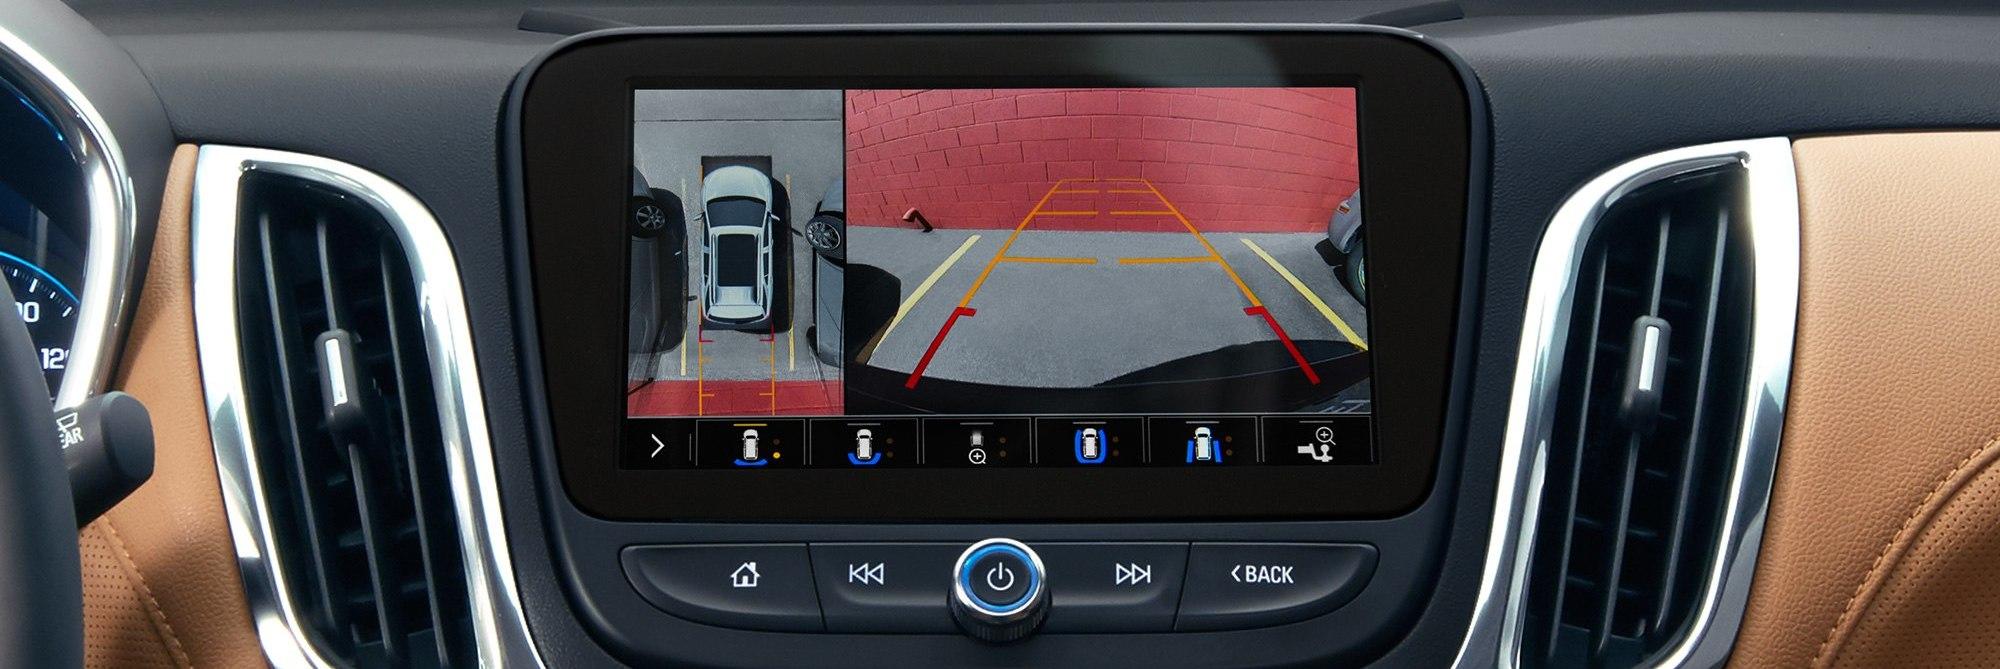 2020 Chevrolet Equinox Rear Vision Camera